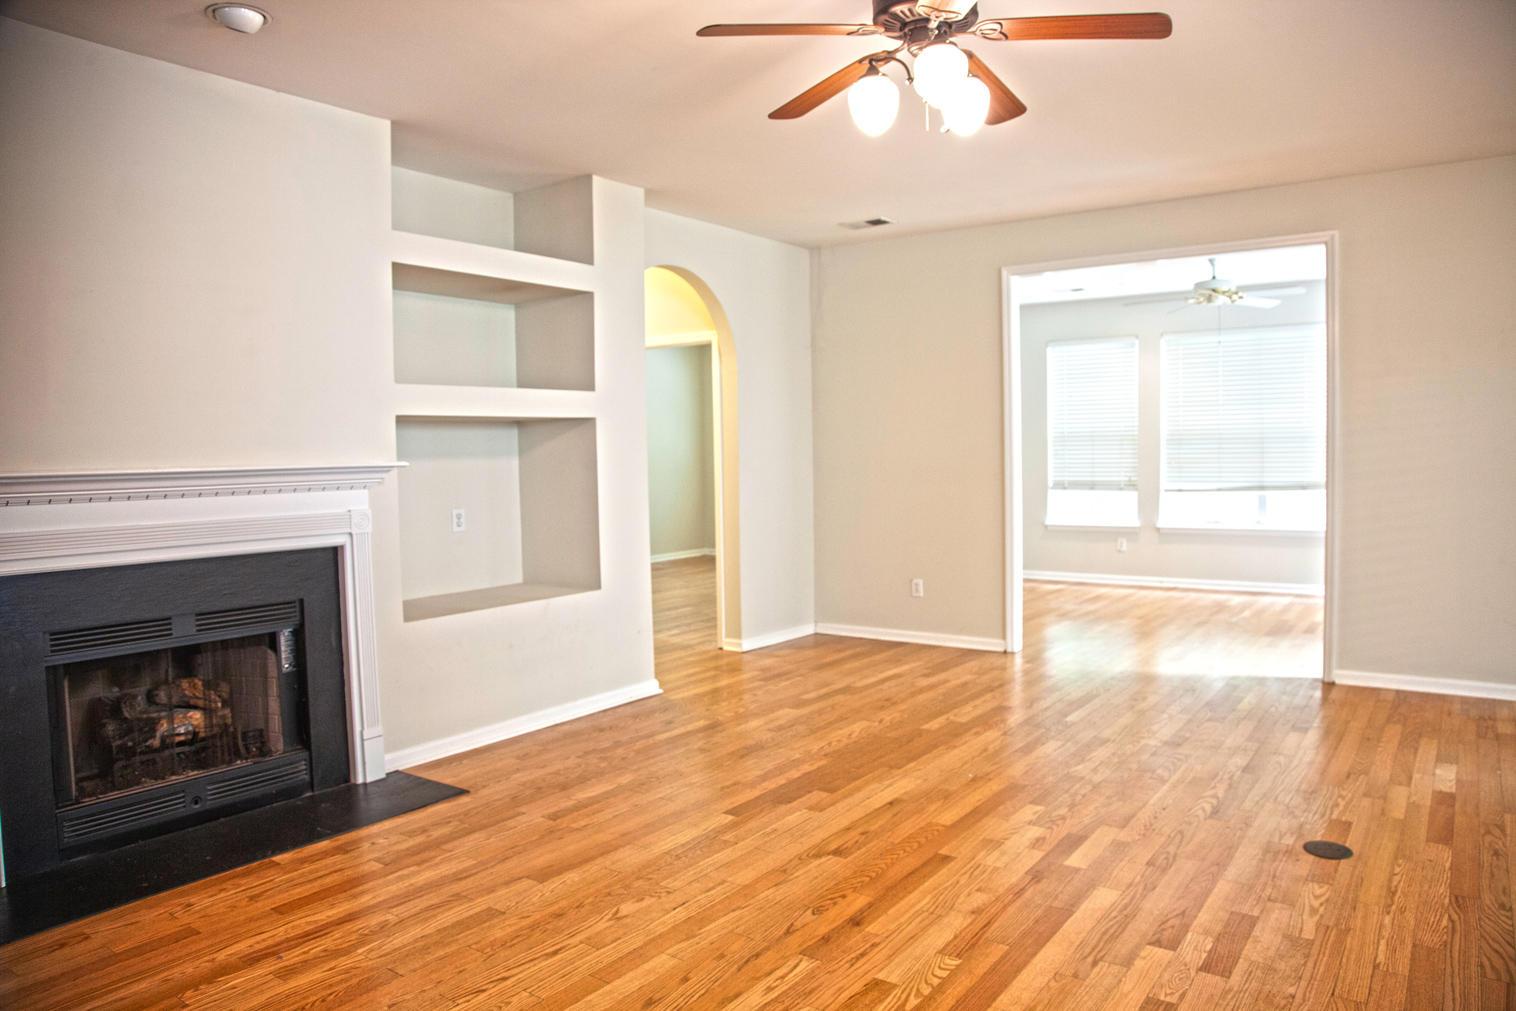 Park West Homes For Sale - 3190 John Bartram Place, Mount Pleasant, SC - 8